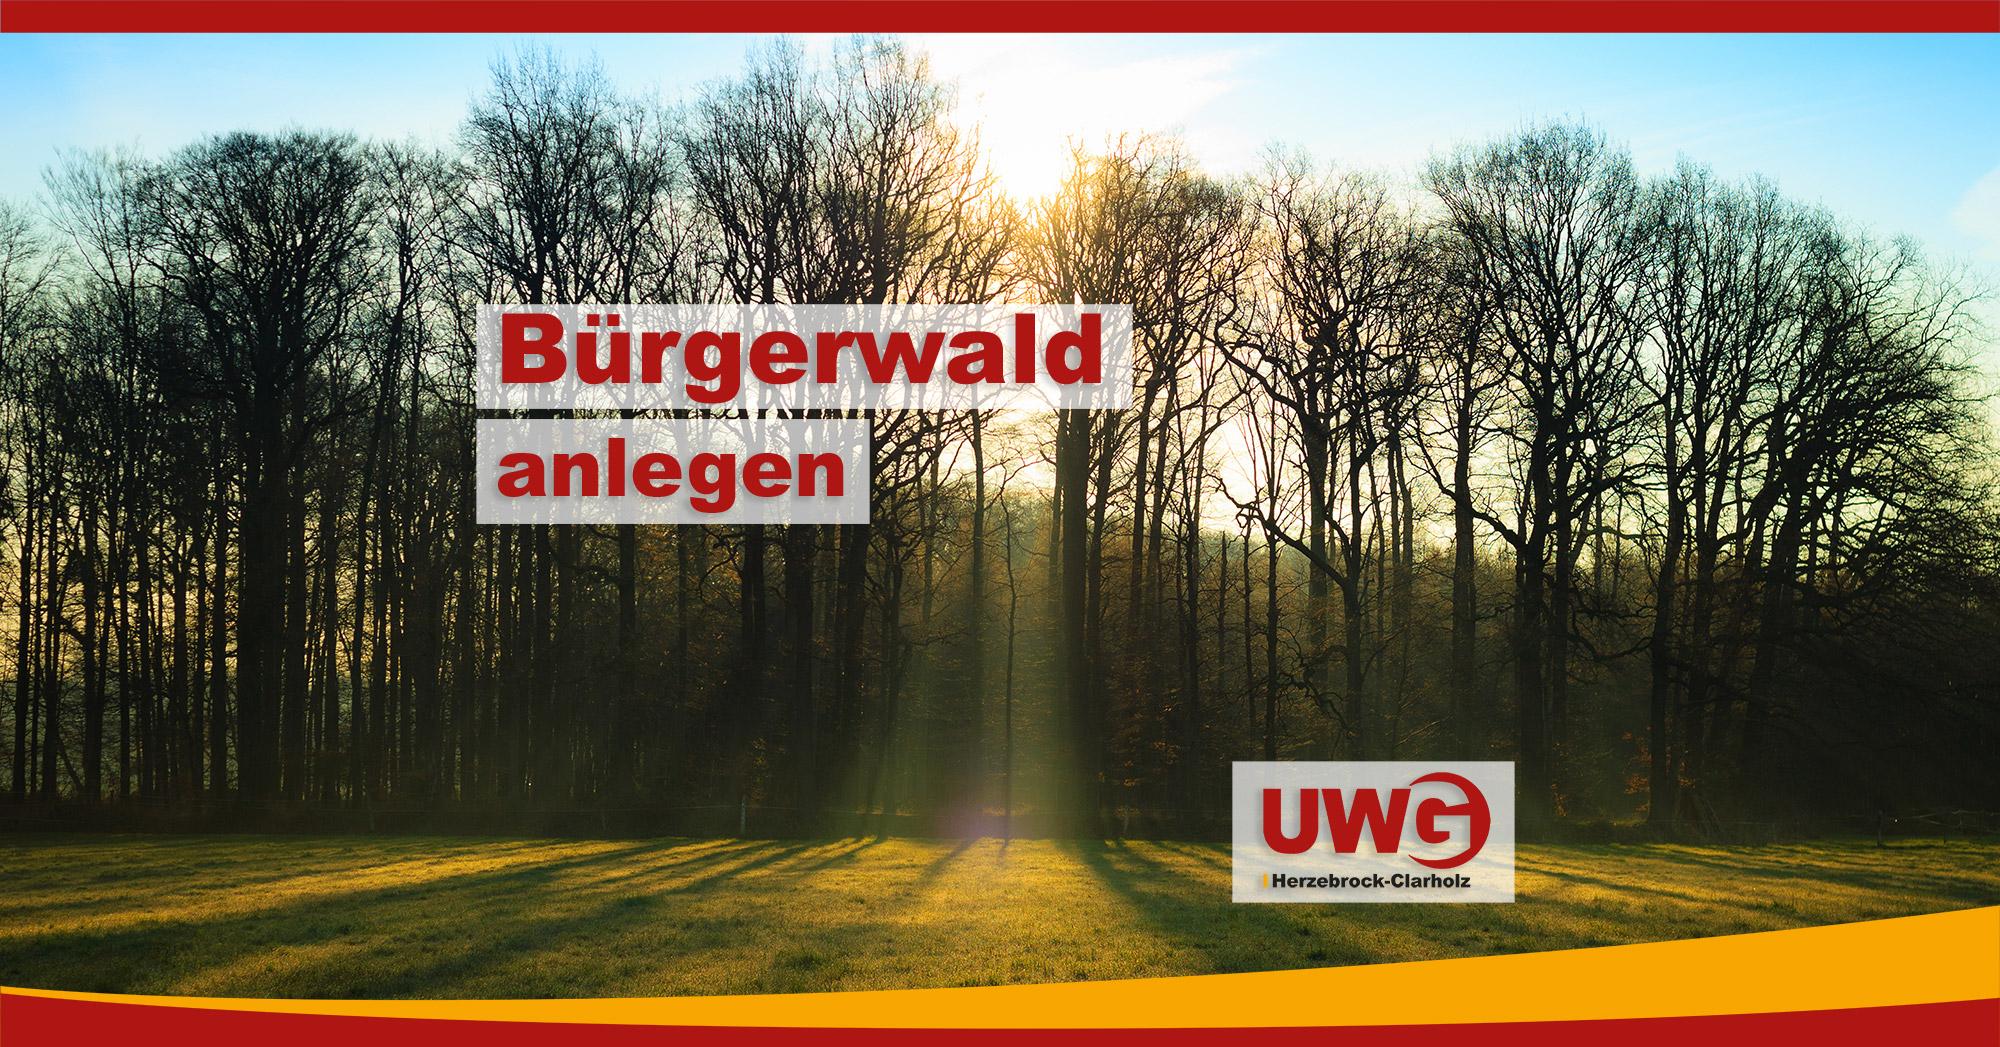 Bürgerwald anlegen